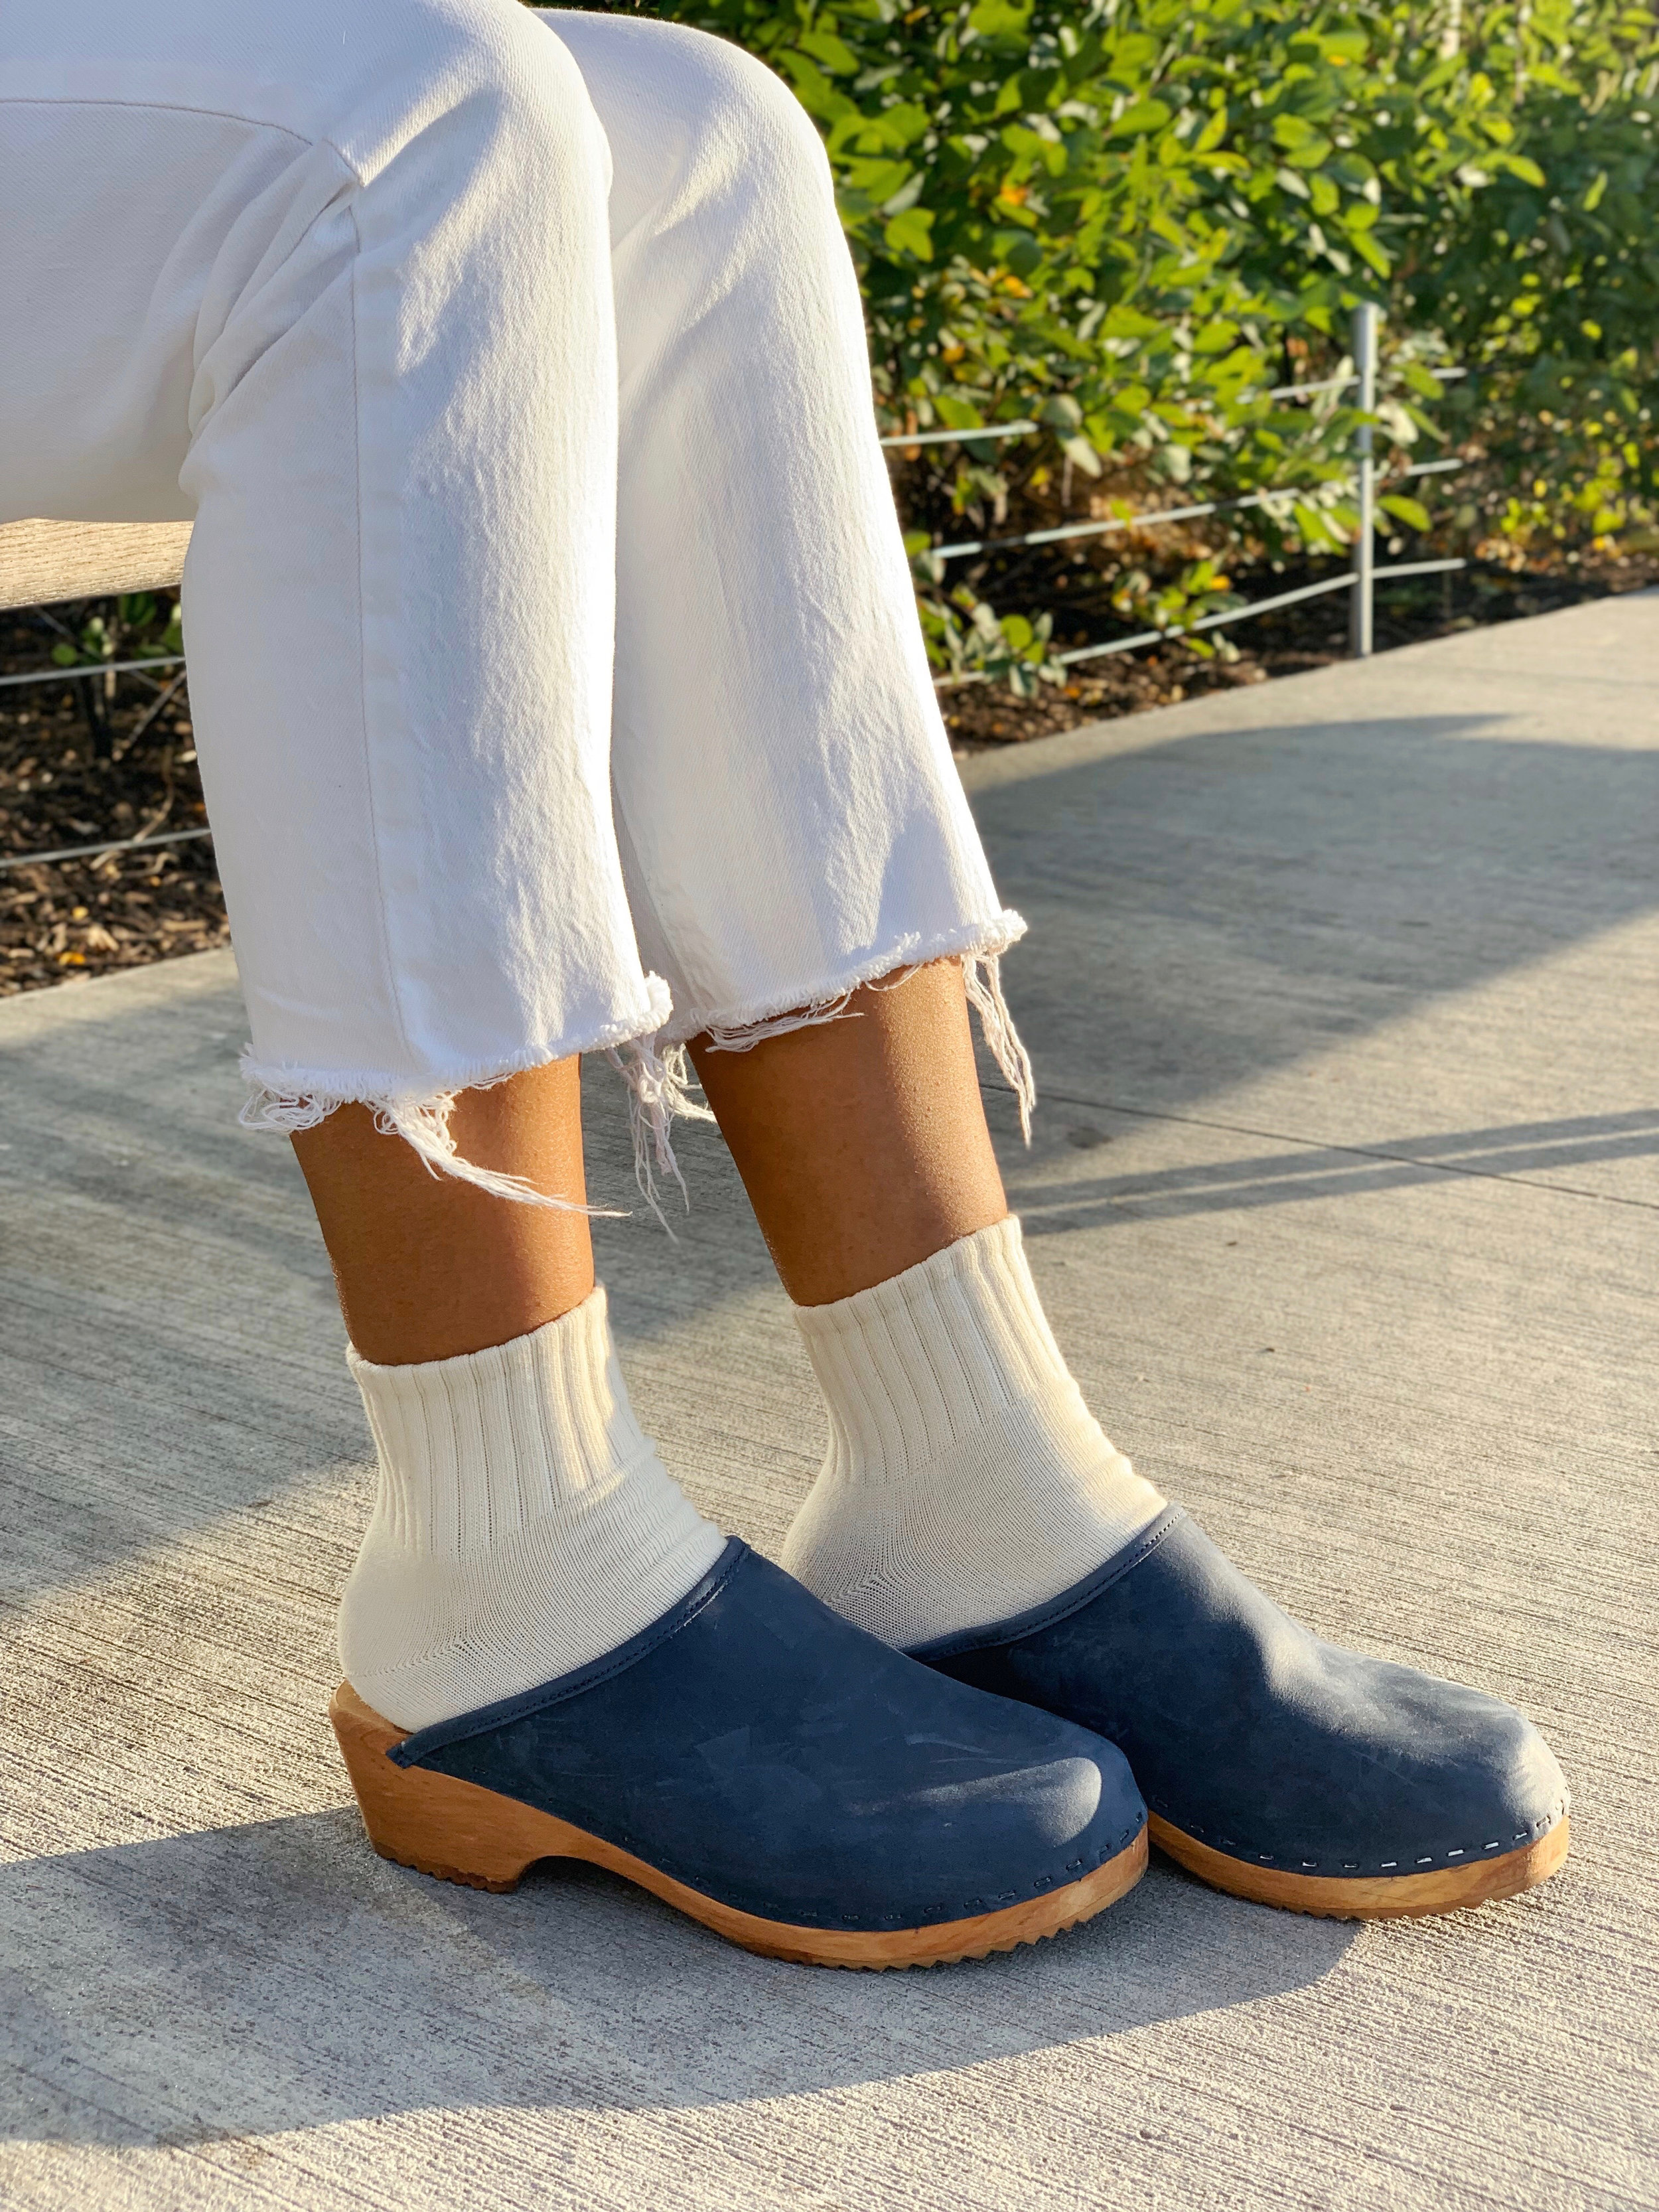 Dark blue clogs, cream socks, white jeans shown outside in city park